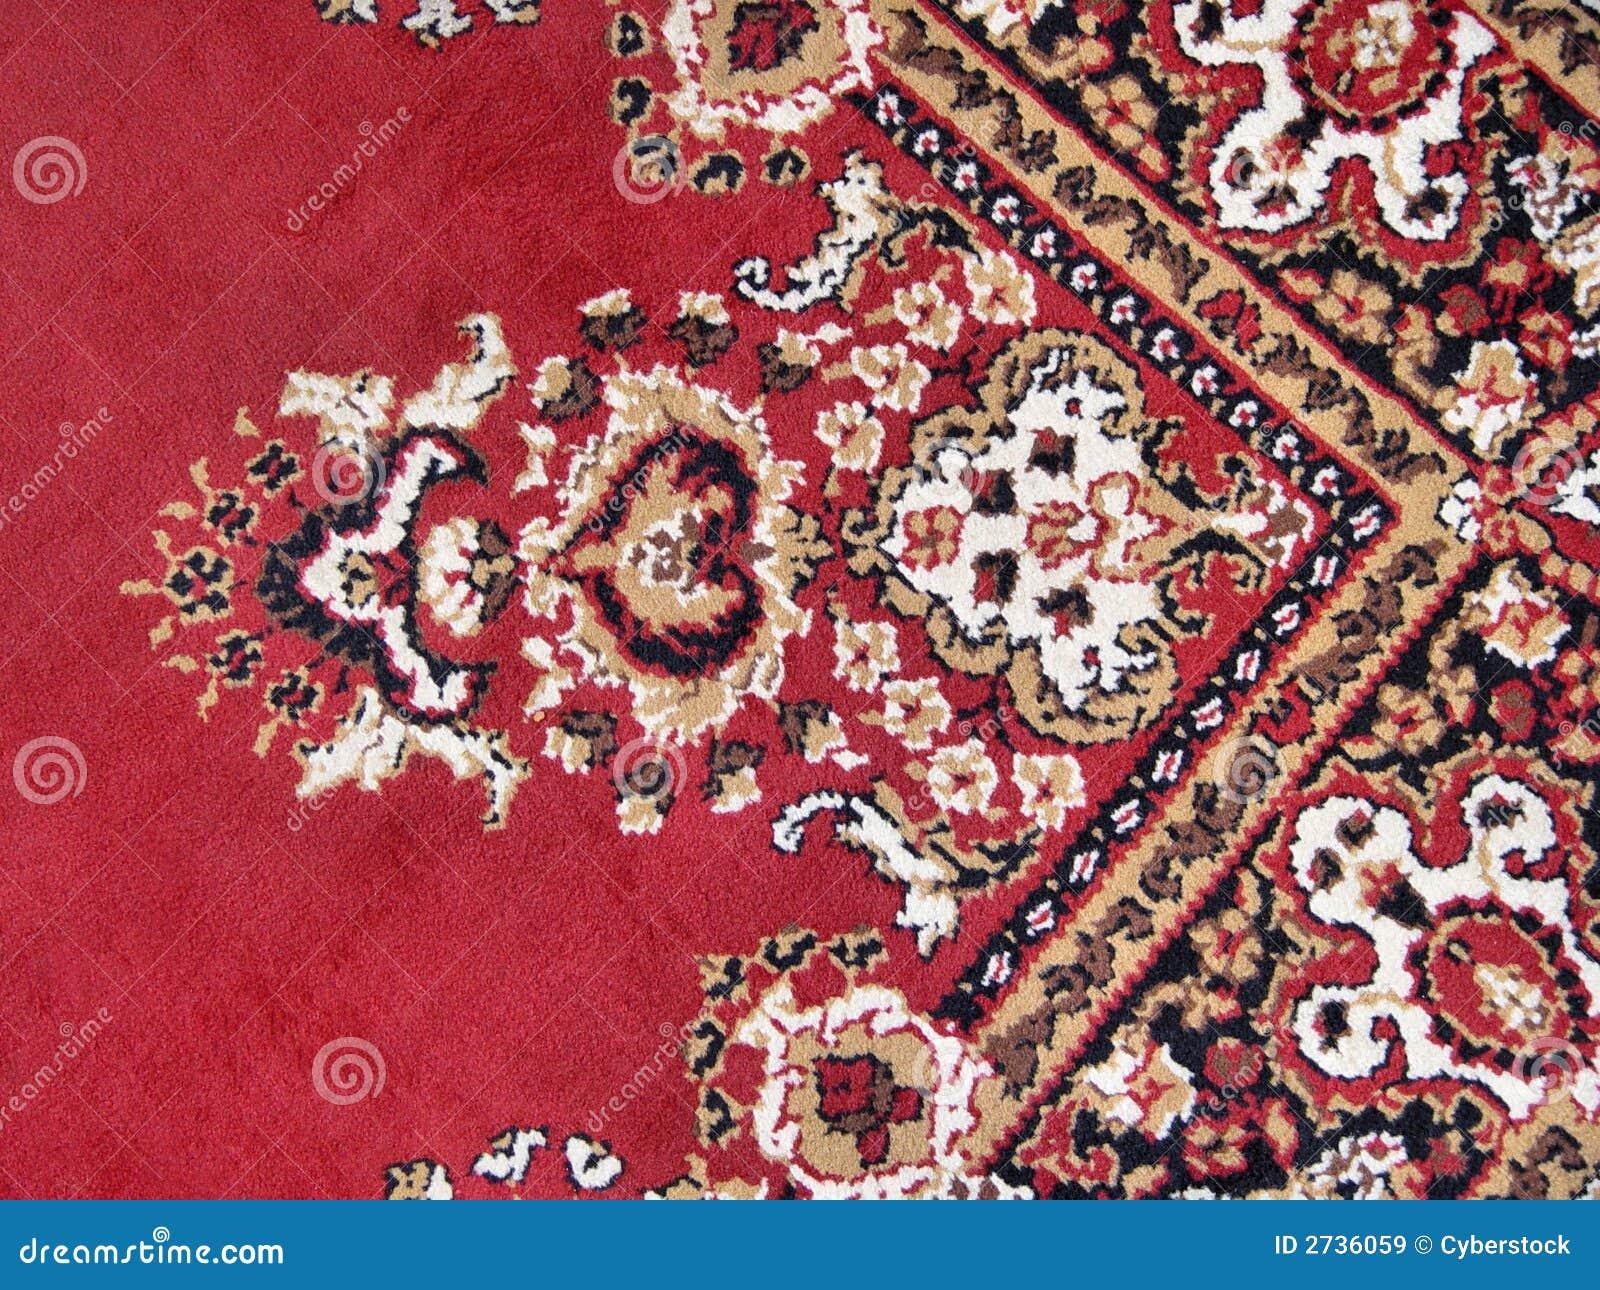 Orientalischer Teppich Lizenzfreie Stockbilder  Bild 2736059